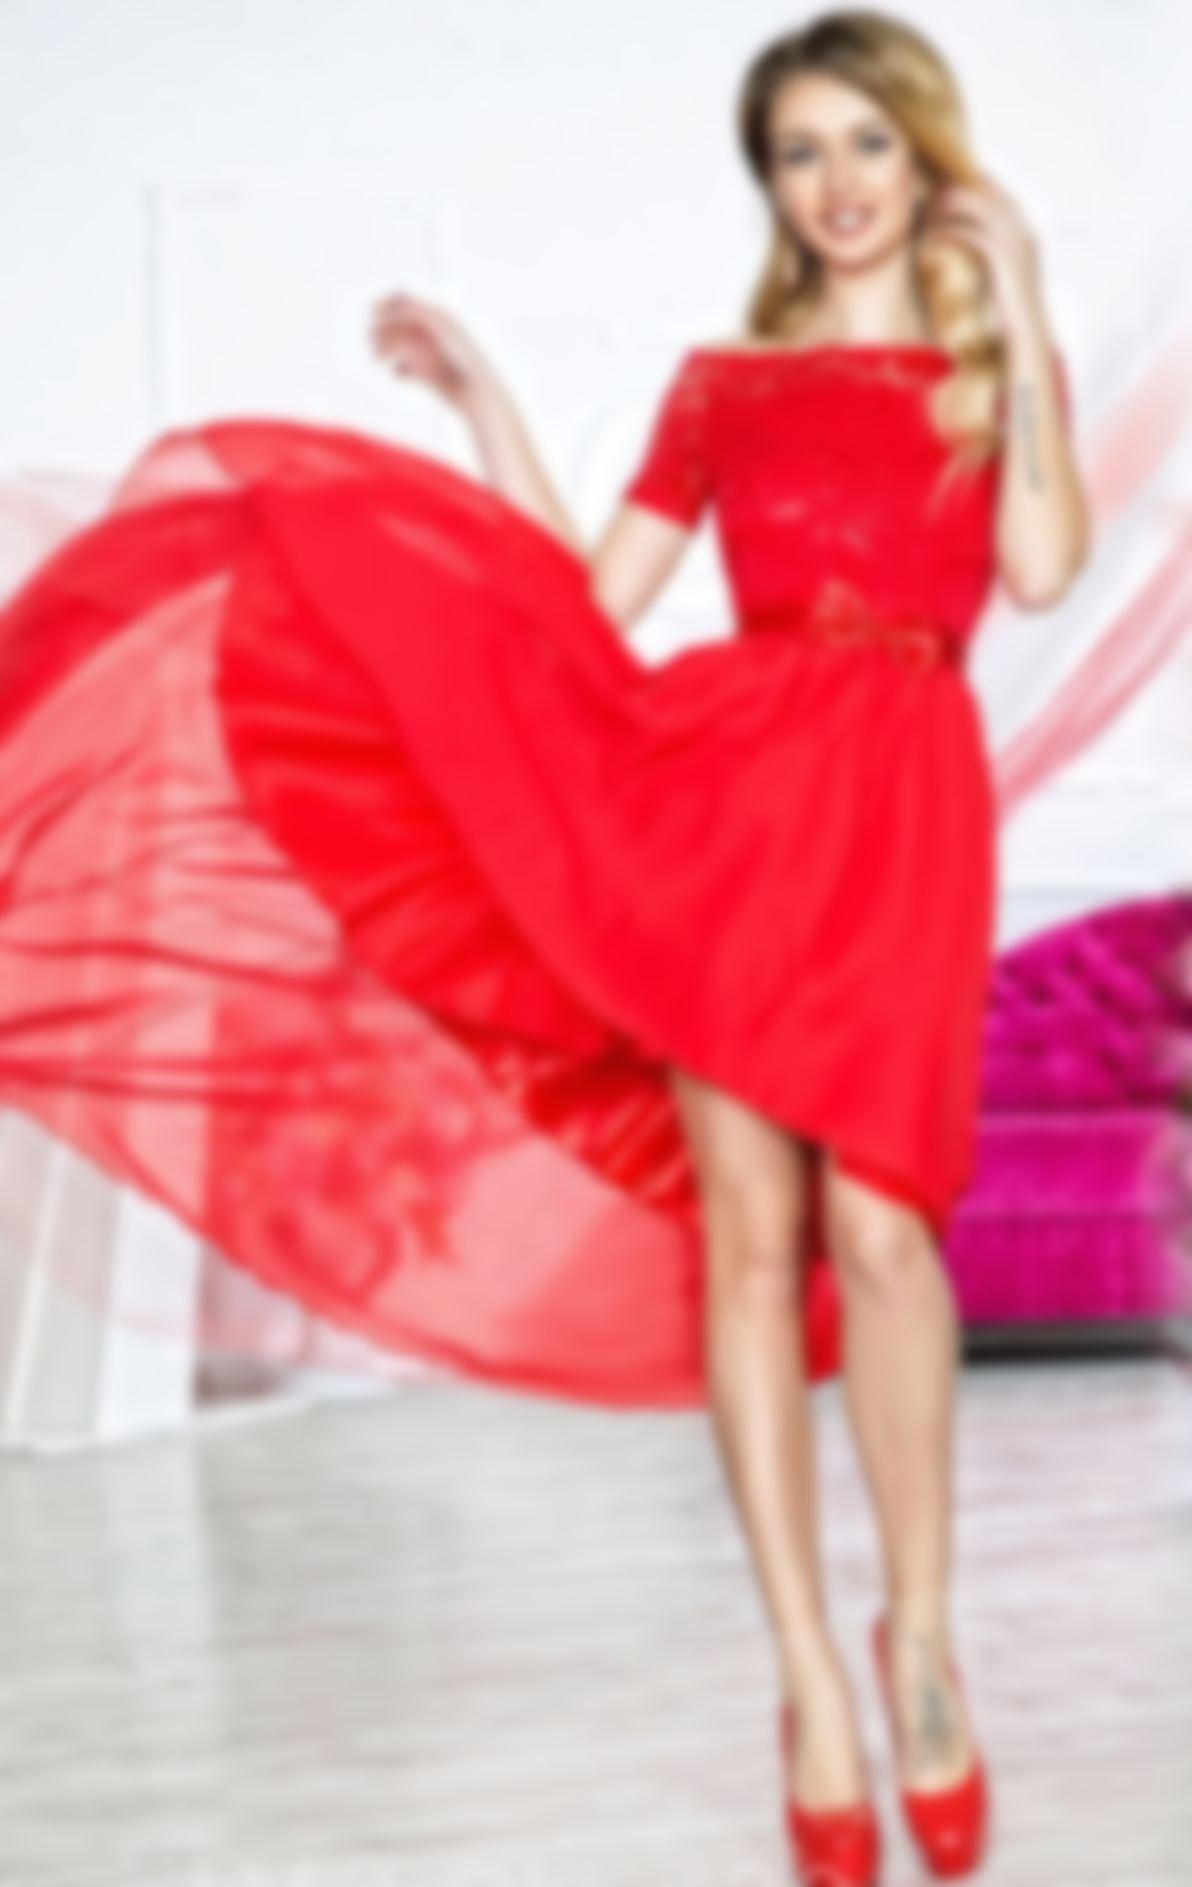 baee49c18c3 Платья на выпускной 2018 в 11 классе  фото - самые красивые новинки